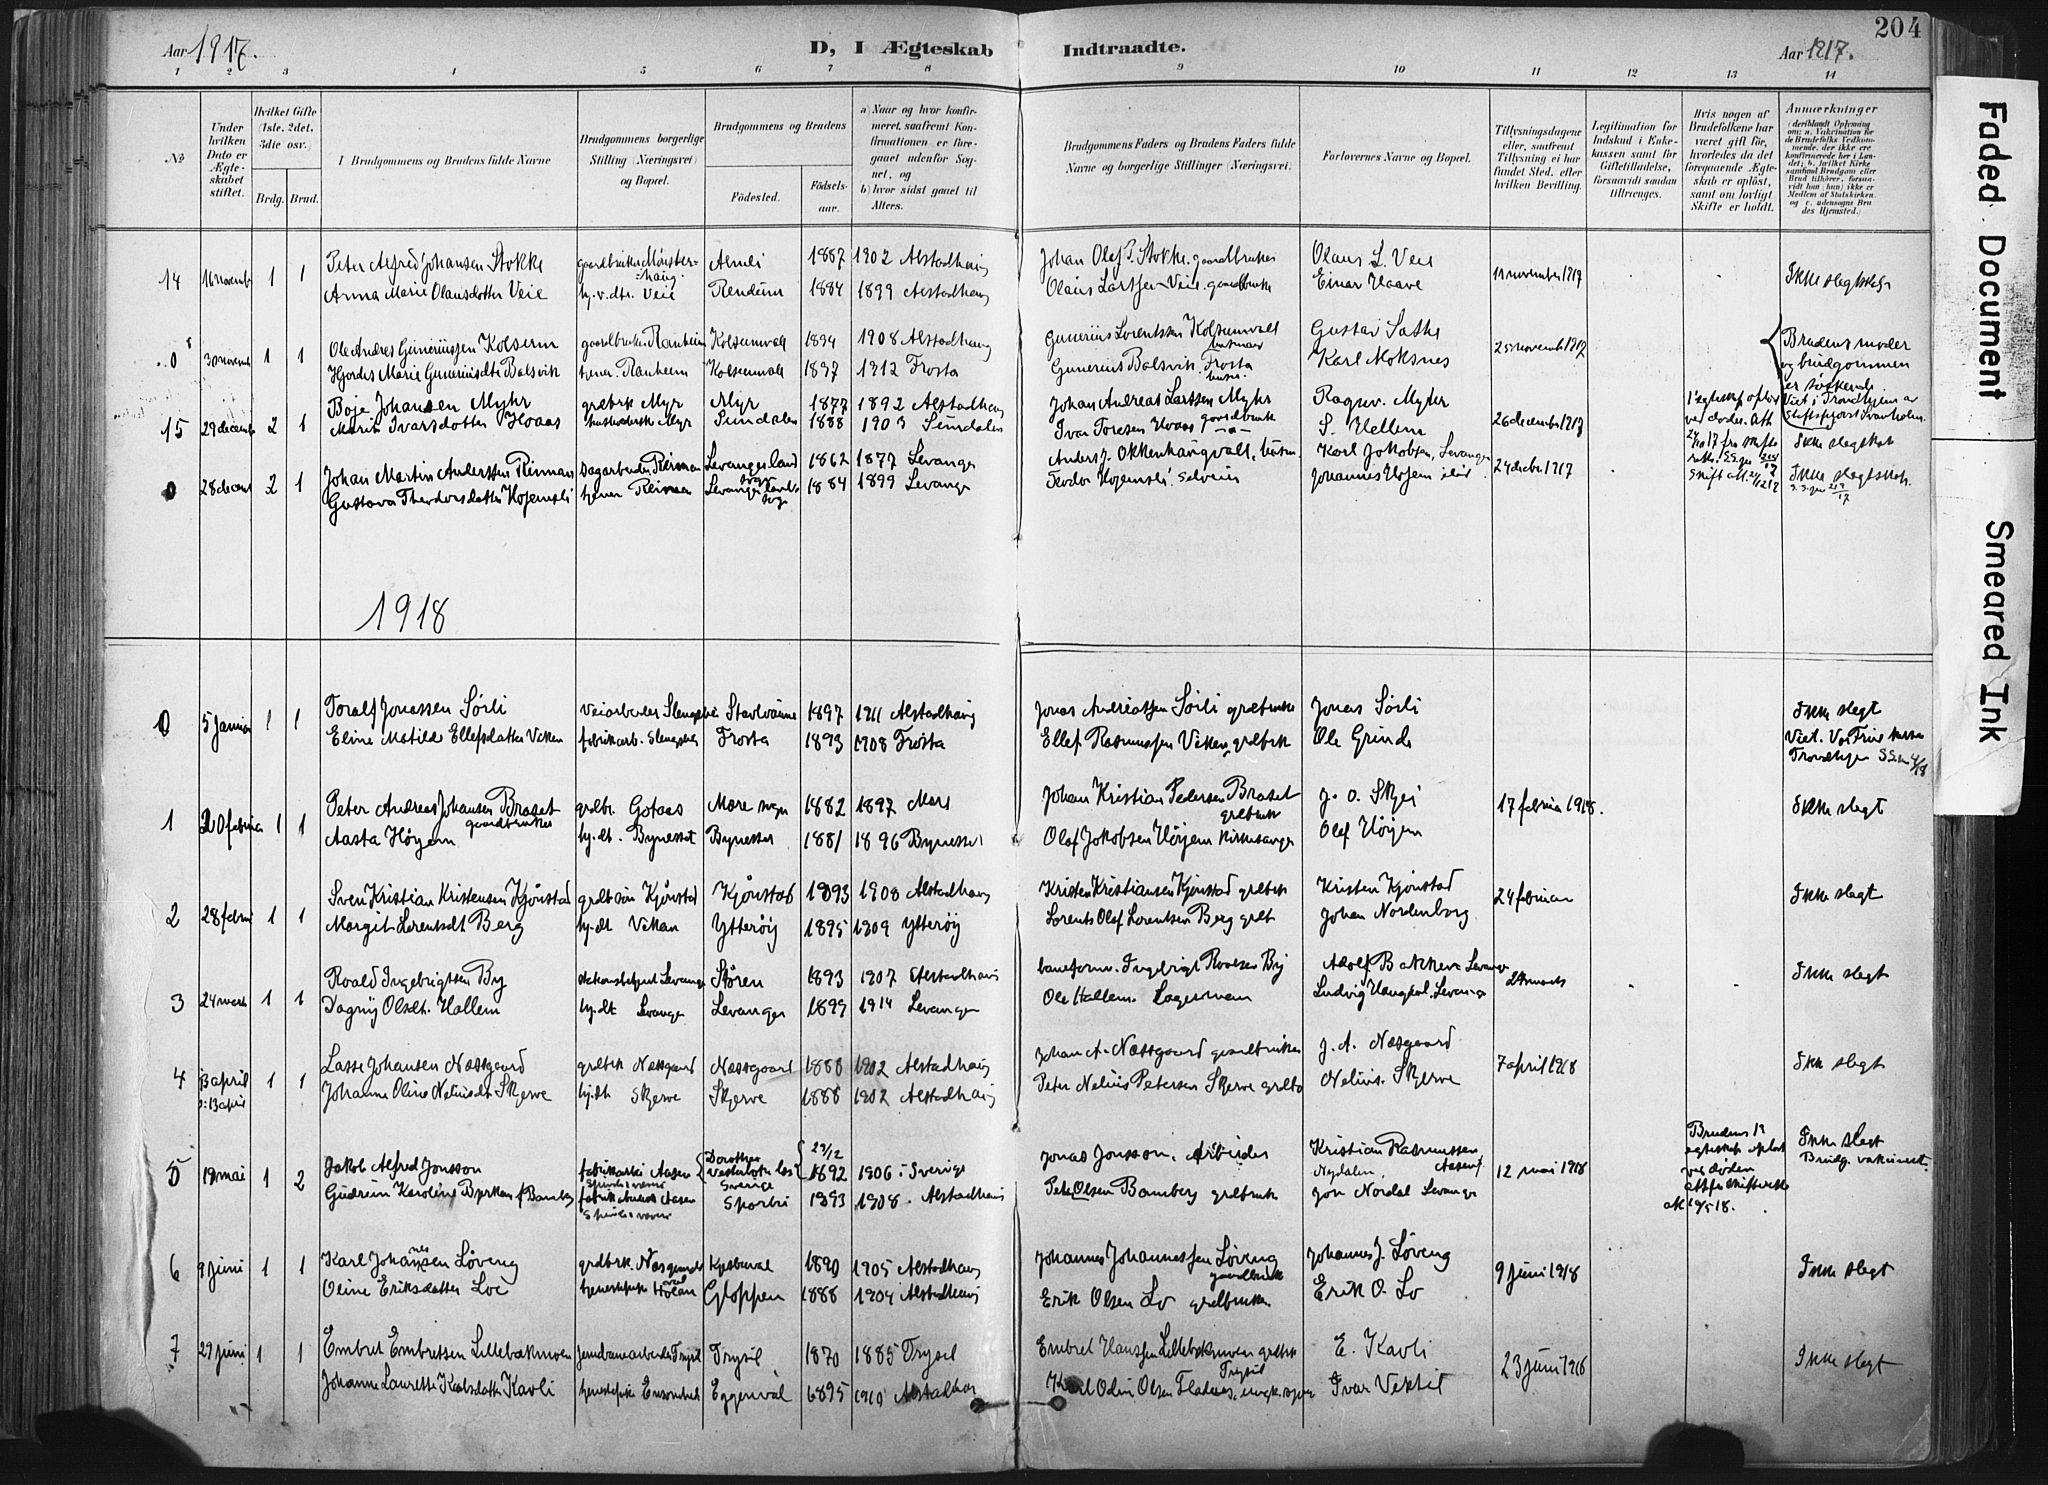 SAT, Ministerialprotokoller, klokkerbøker og fødselsregistre - Nord-Trøndelag, 717/L0162: Ministerialbok nr. 717A12, 1898-1923, s. 204